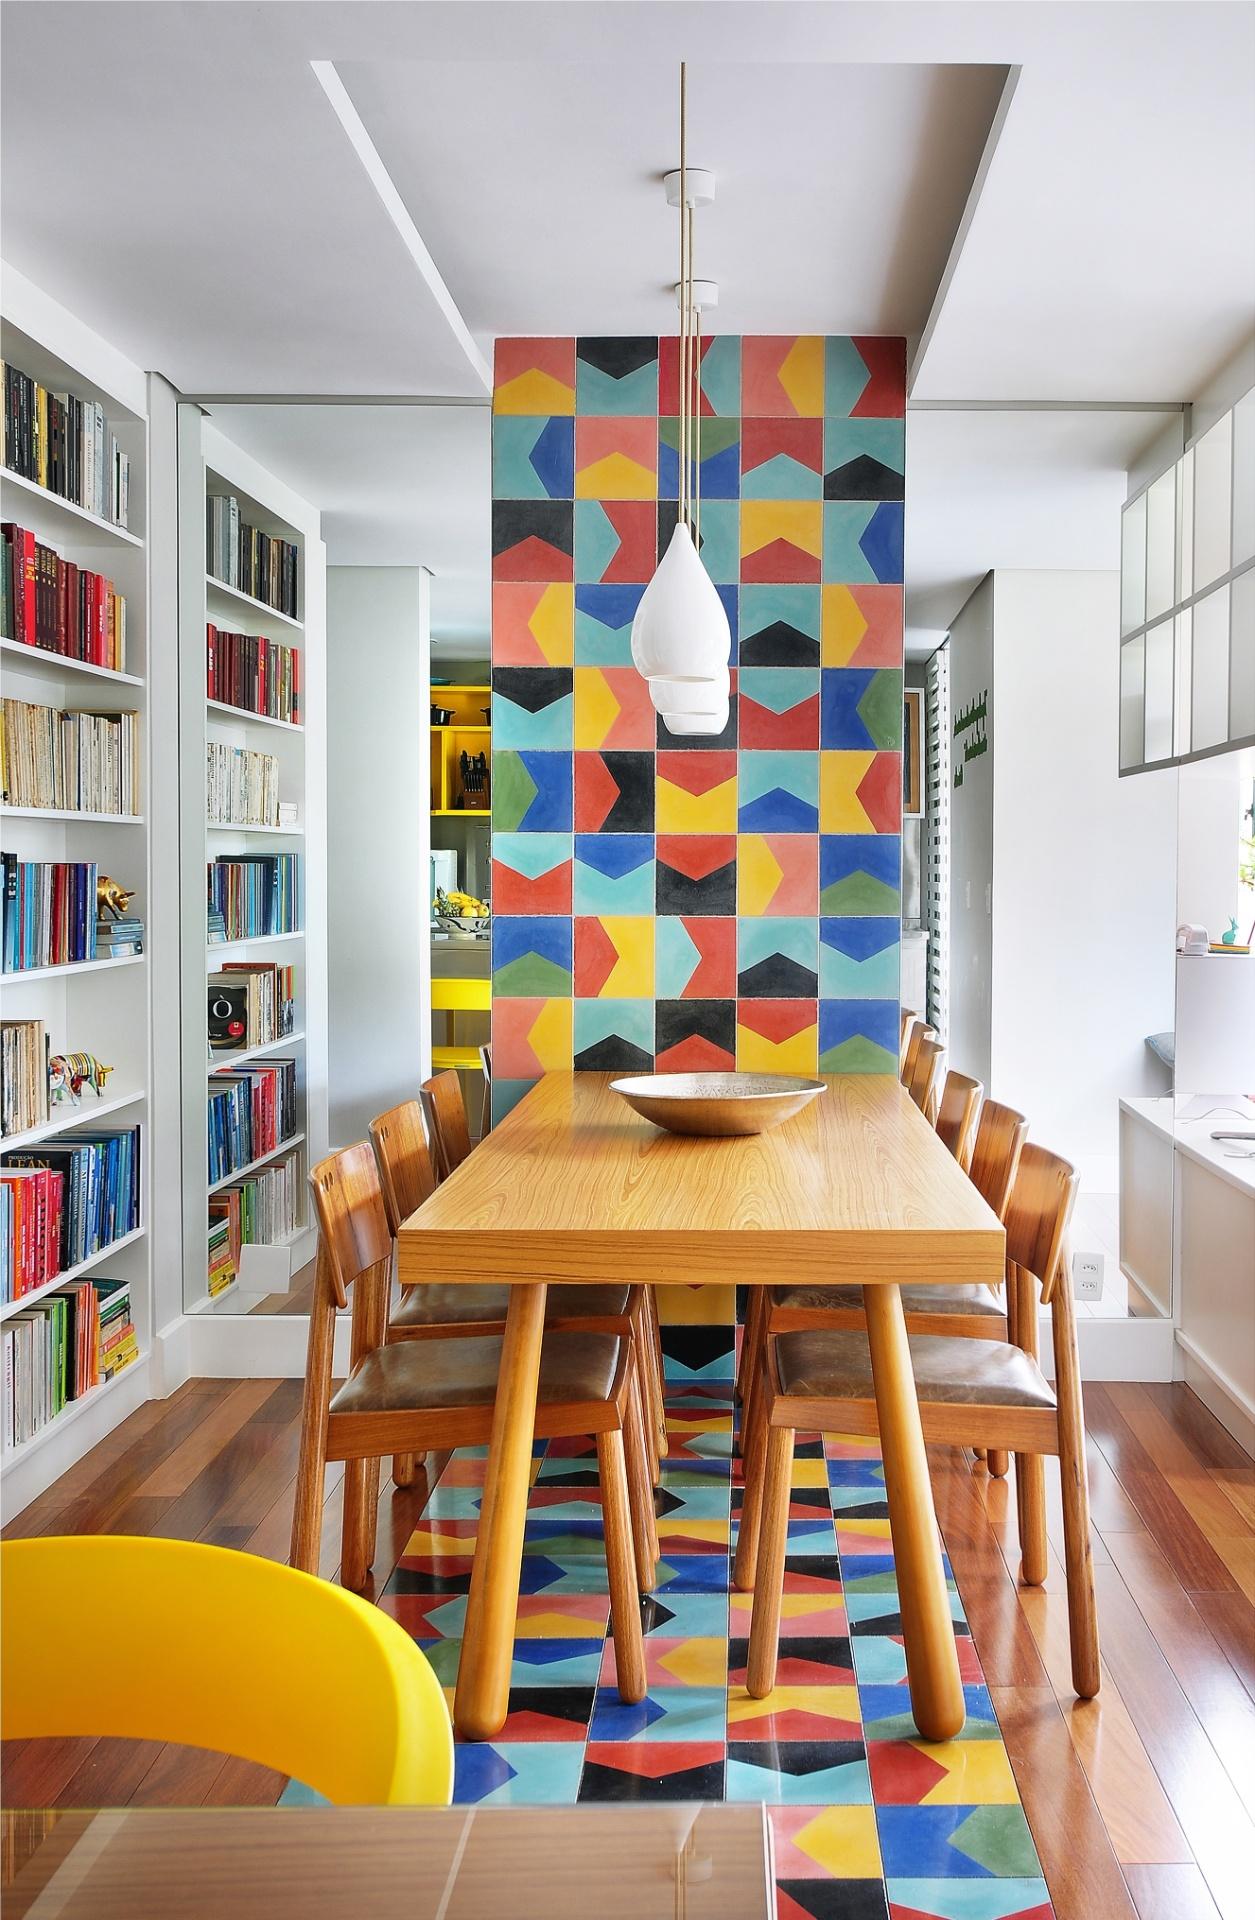 A sala de jantar do apê Jardim Marajoara integra-se à cozinha pelo caminho de ladrilhos coloridos que sobe até o teto. Na parede de fundo, espelhos dispostos nas laterais do painel de ladrilhos hidráulicos ampliam o espaço, enquanto a marcenaria composta de nichos vazados setoriza os ambientes sociais sem impedir a visão. As cadeiras em volta da mesa são assinadas por Sergio Rodrigues (Dpot) e têm assentos de couro. O design de interiores foi criado por Ana Yoshida